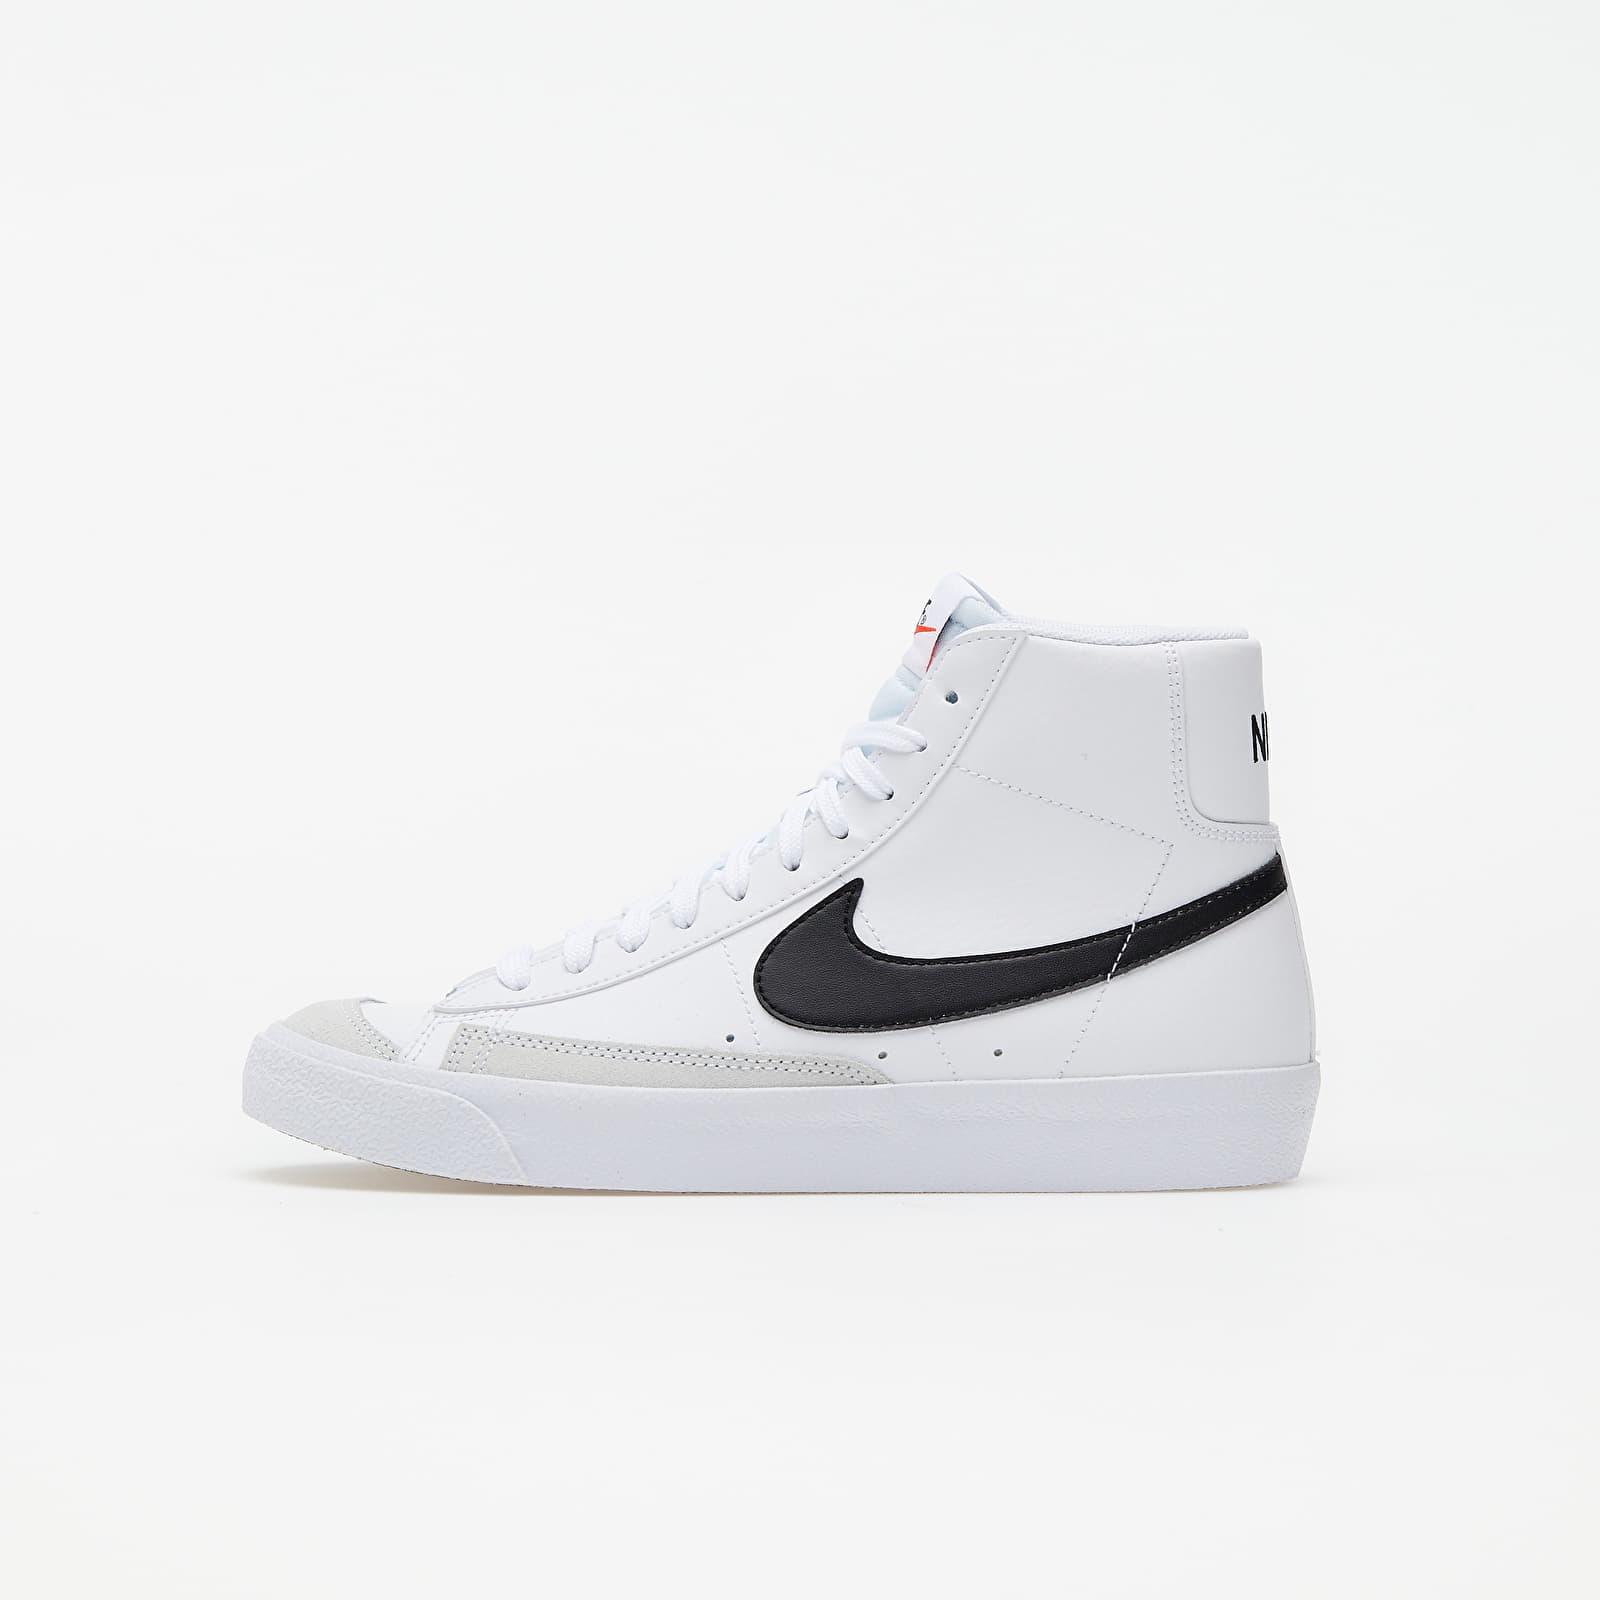 Nike Blazer Mid '77 (GS) White/ Black-Team Orange   Footshop